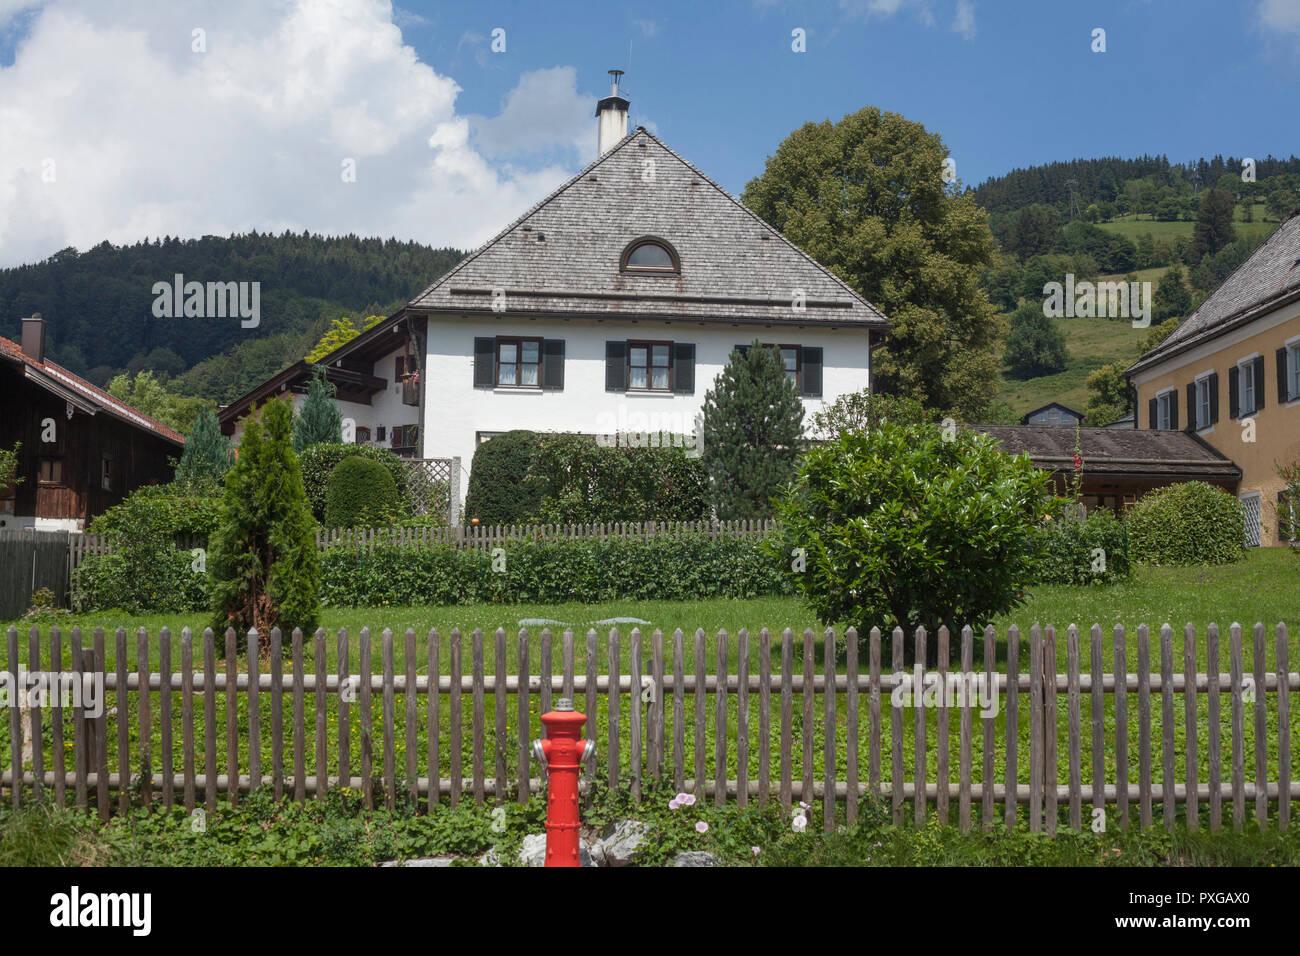 Residential house, Schliersee, Upper Bavaria, Bavaria, Germany, Europe  I Wohnhaus, Schliersee, Oberbayern, Bayern, Deutschland, Europa I - Stock Image